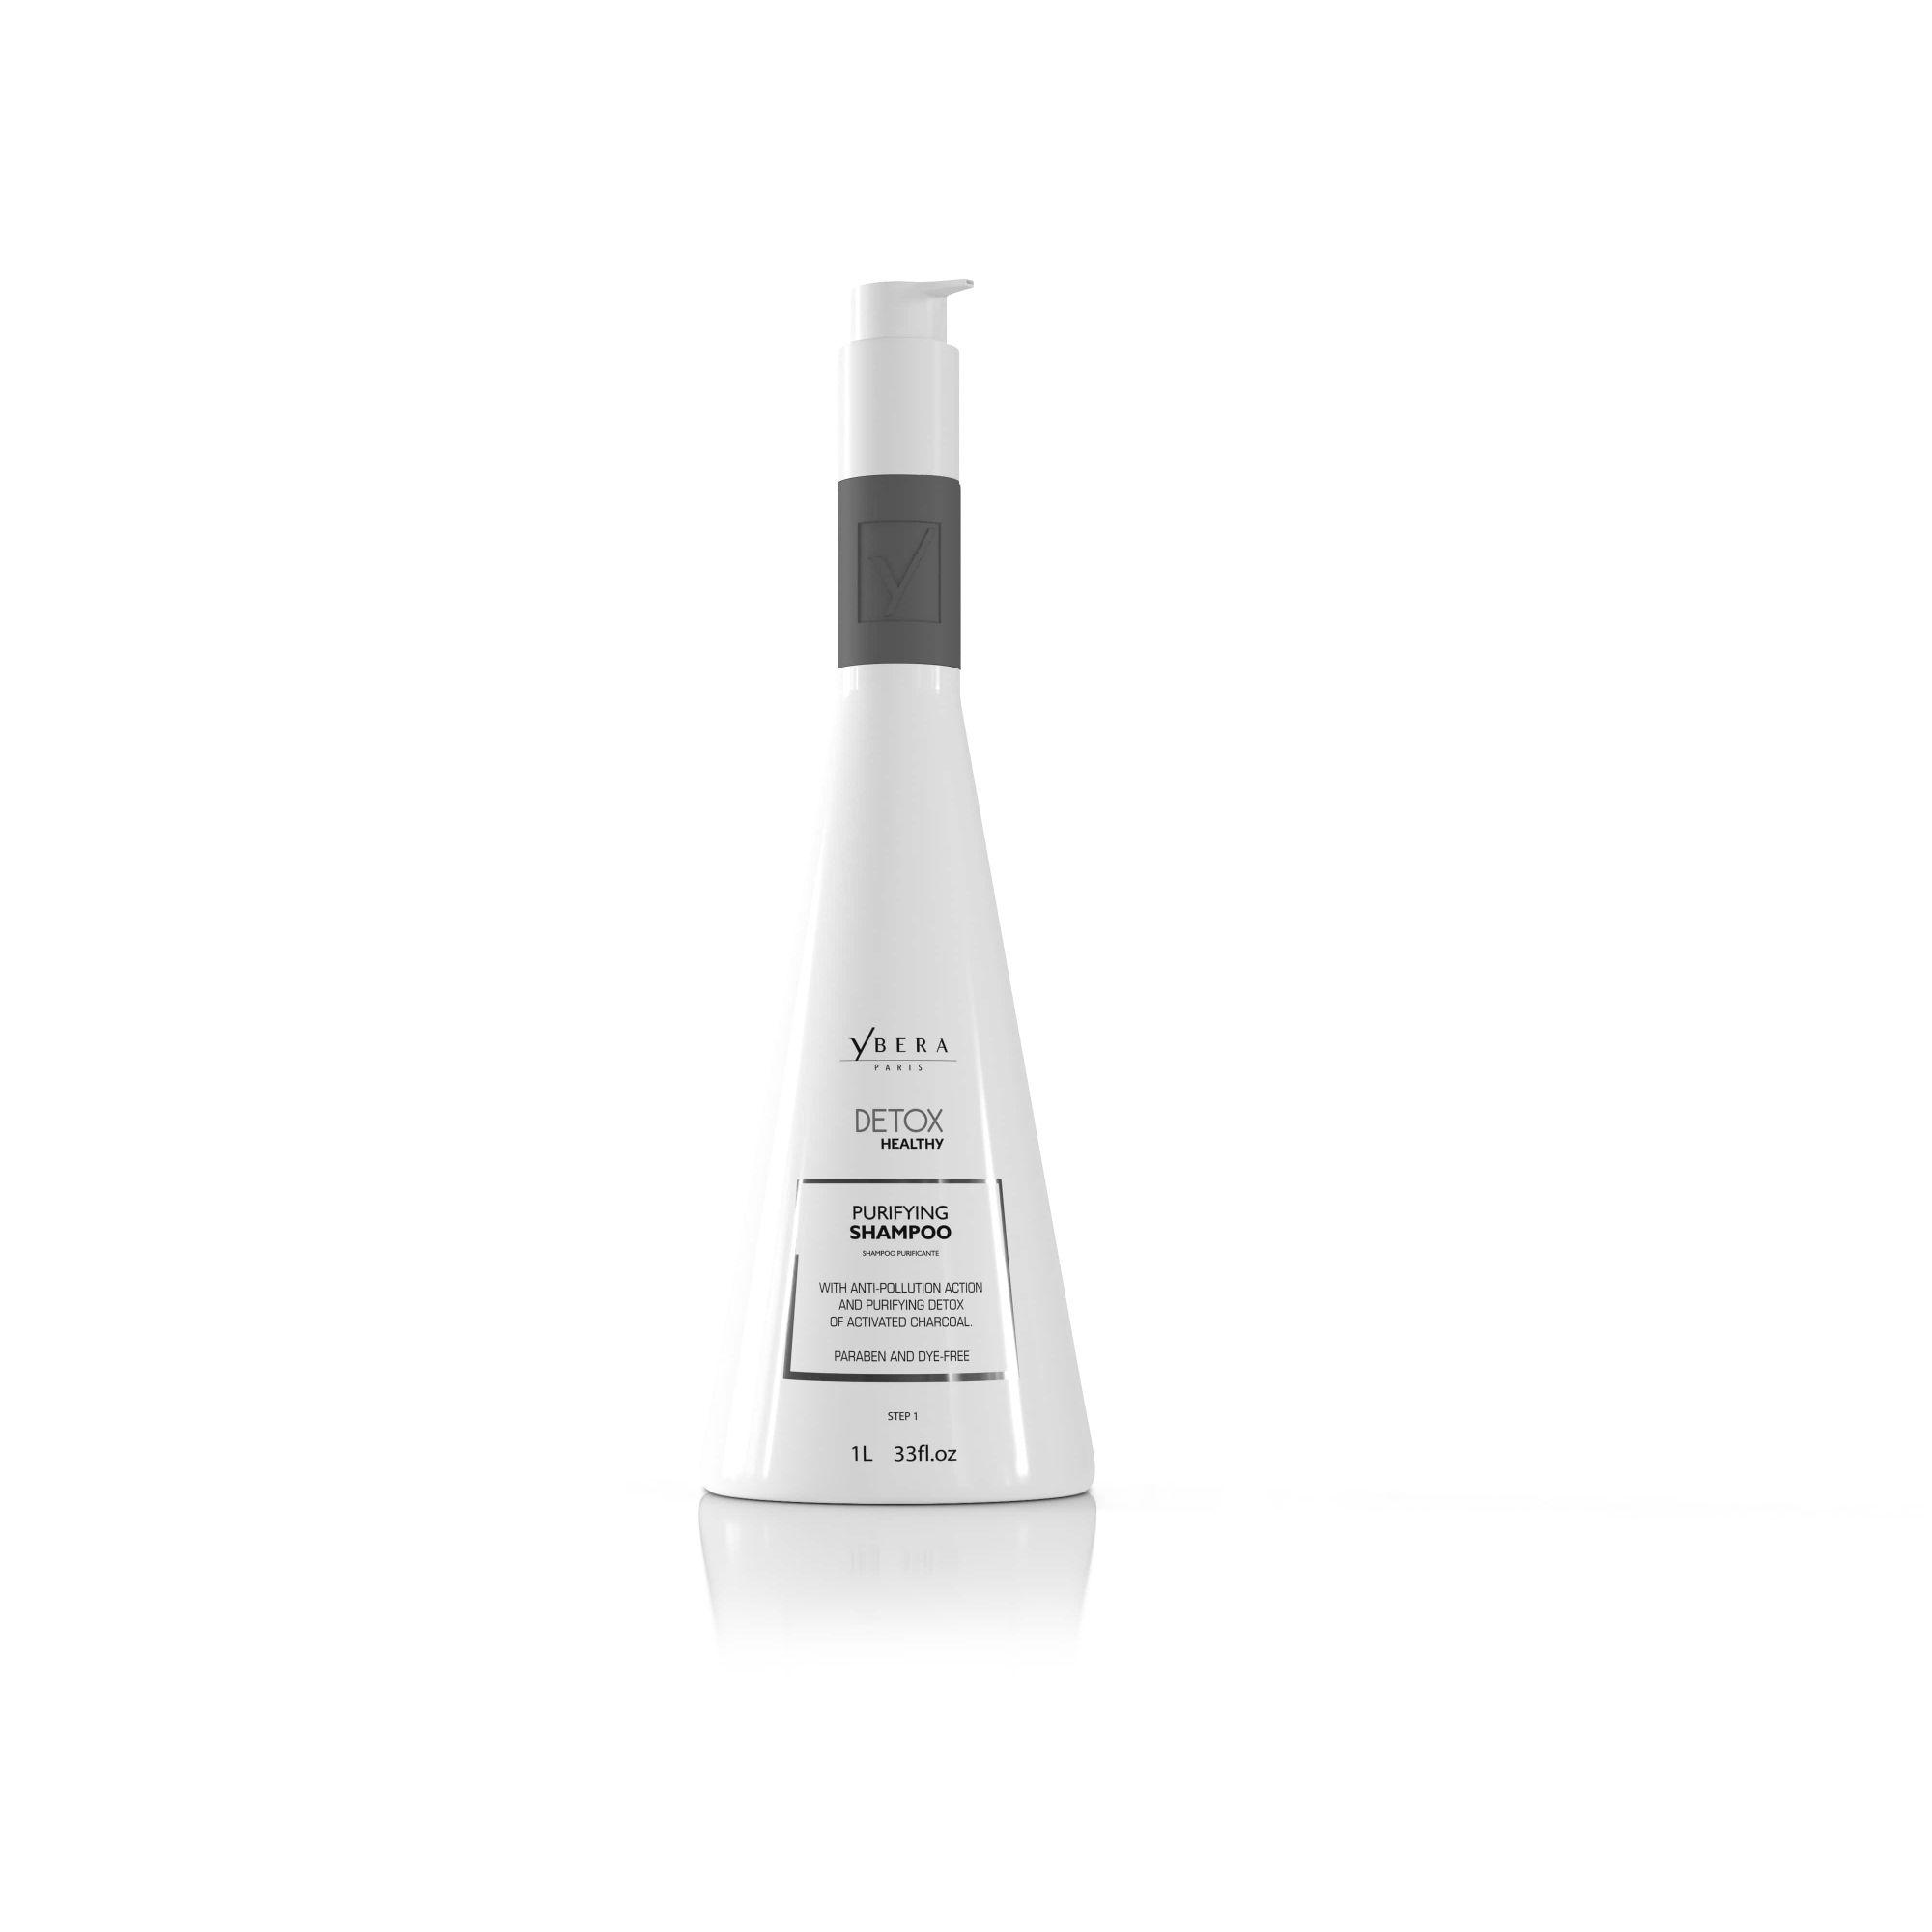 Shampoo Desintoxicante Detox Healthy Ybera Paris 1l